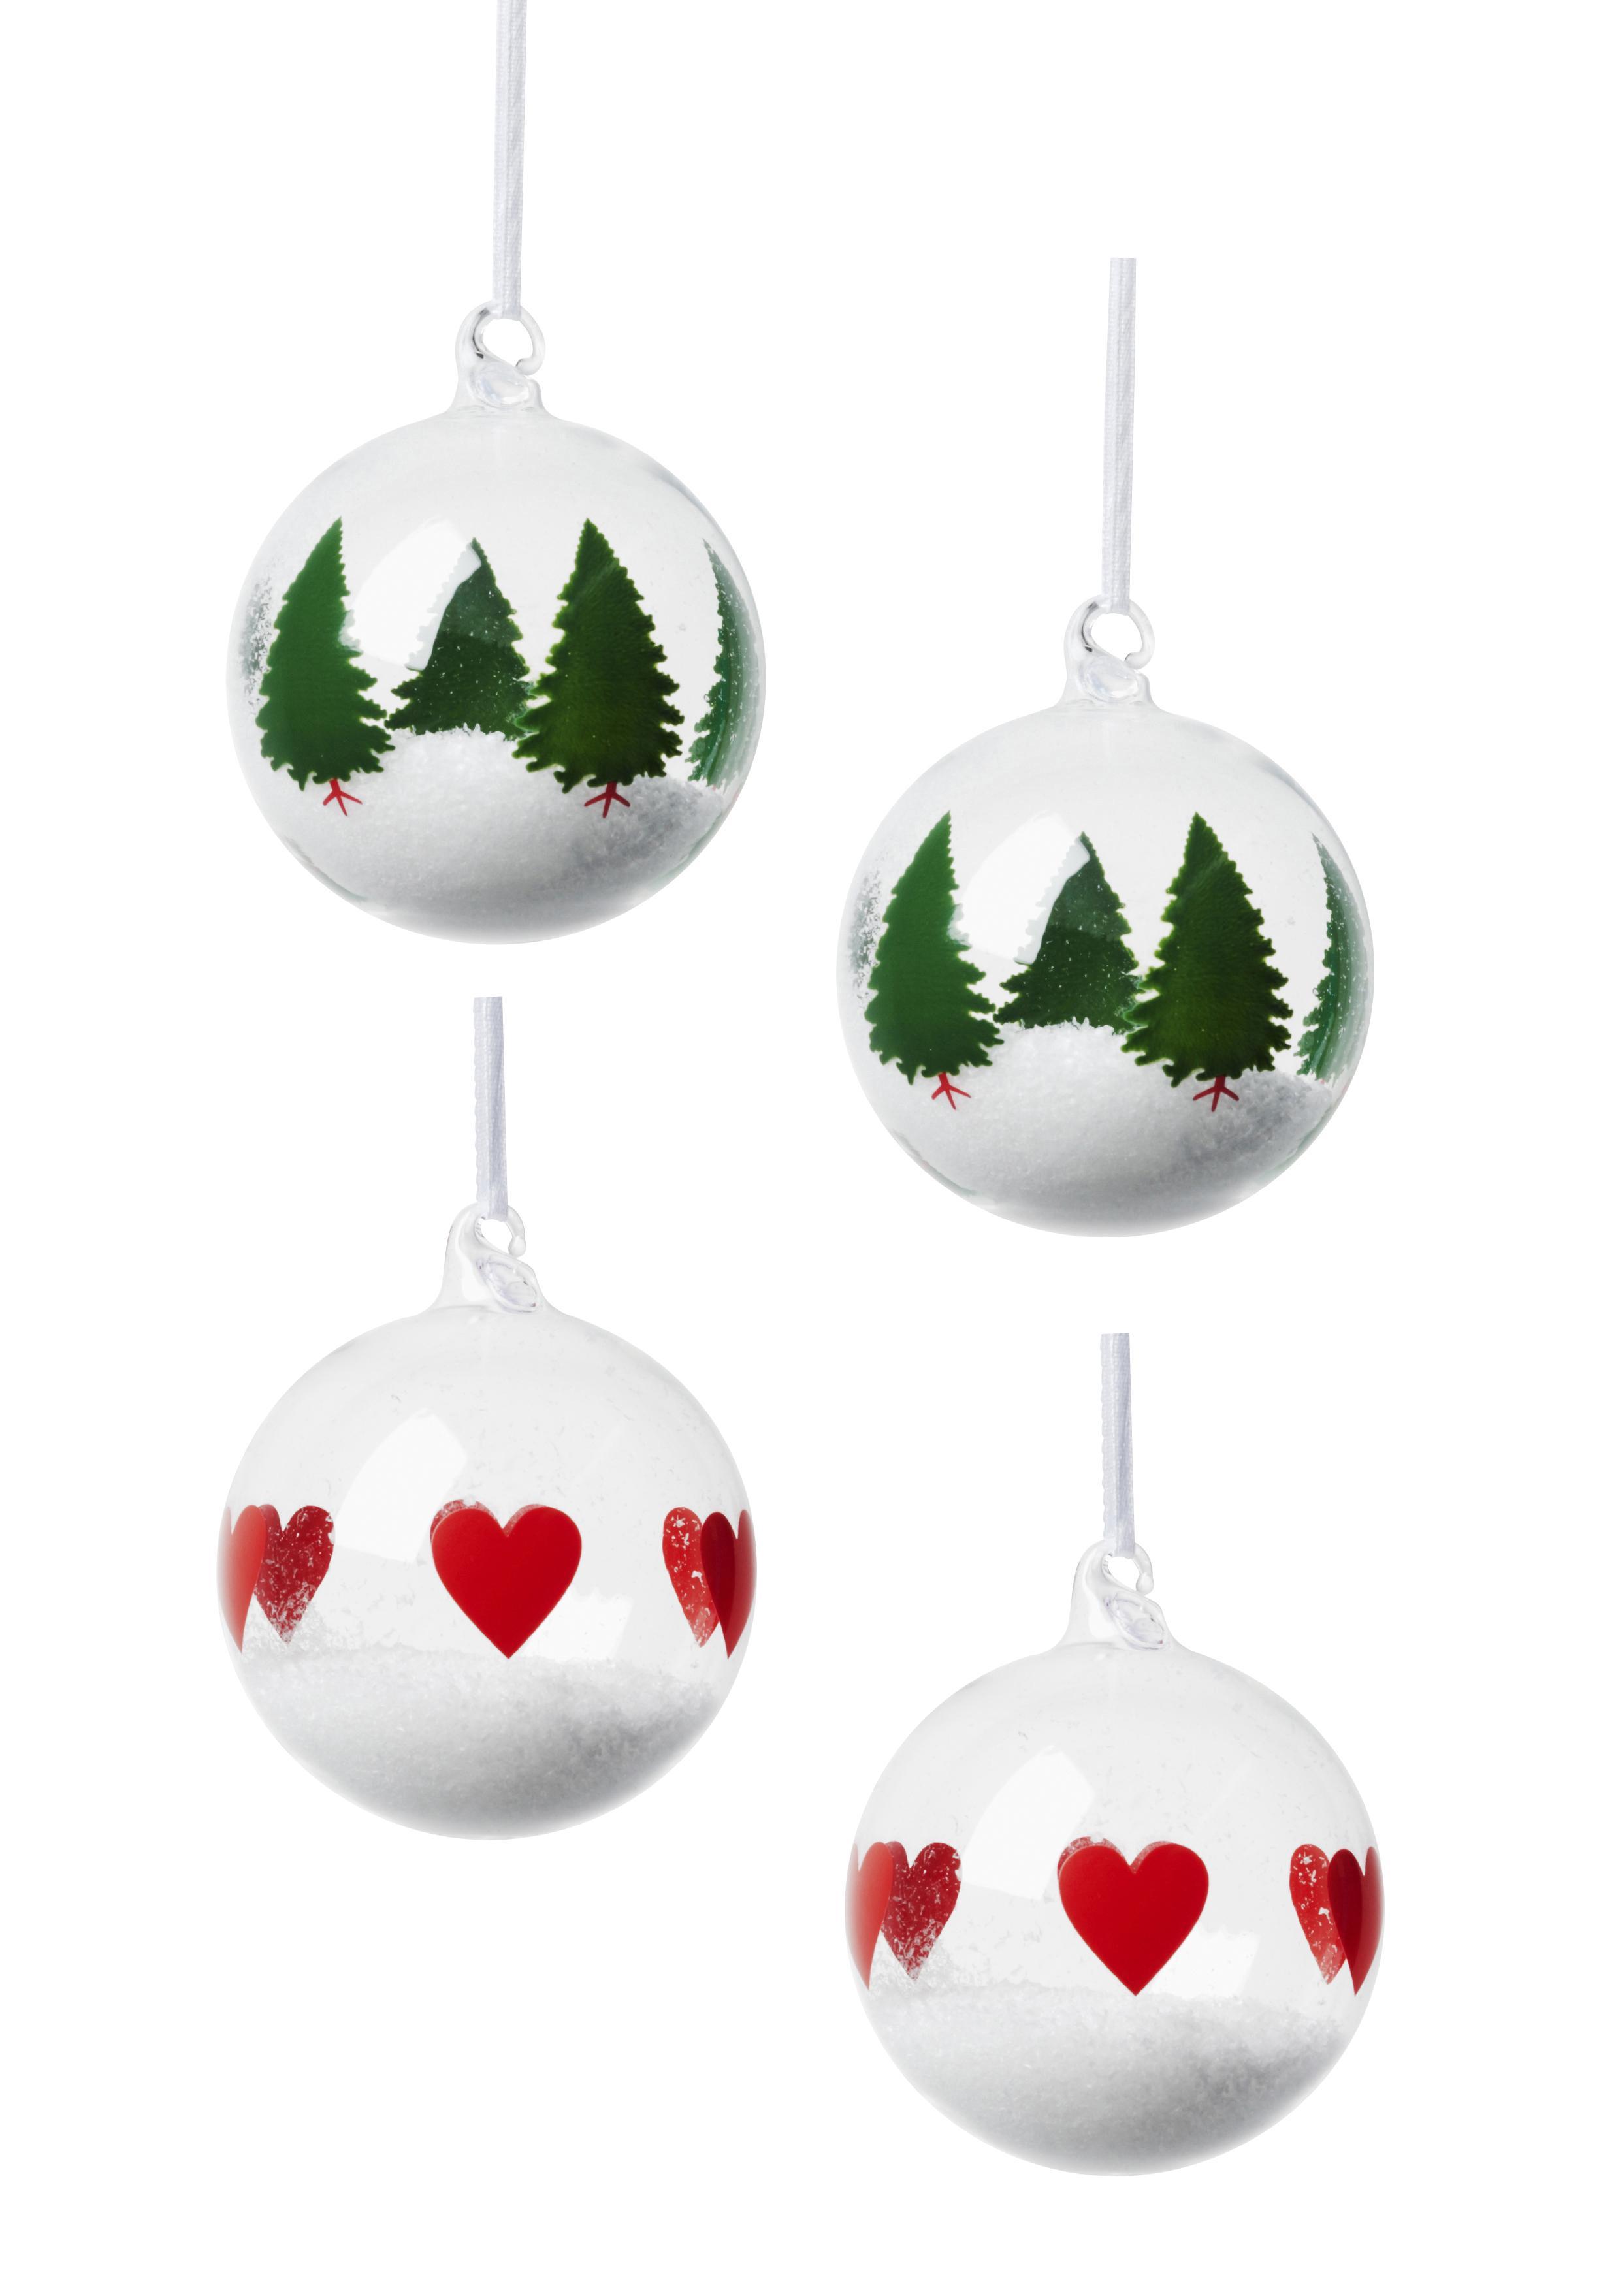 Hedendaags 30 unieke kerstballen - Libelle OC-51